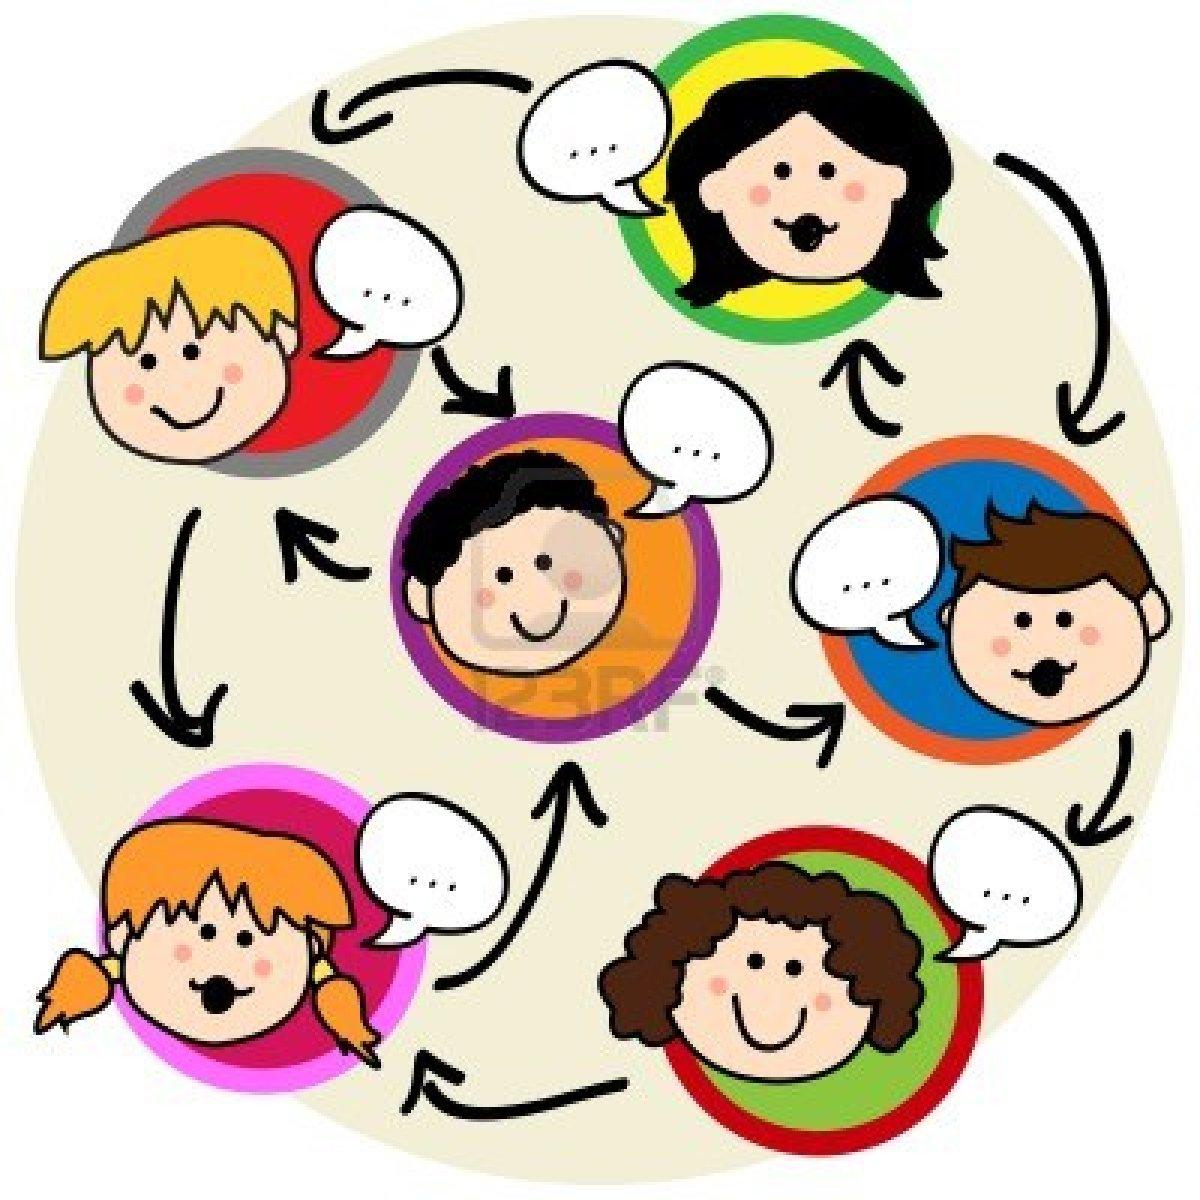 children speaking clip art - photo #14